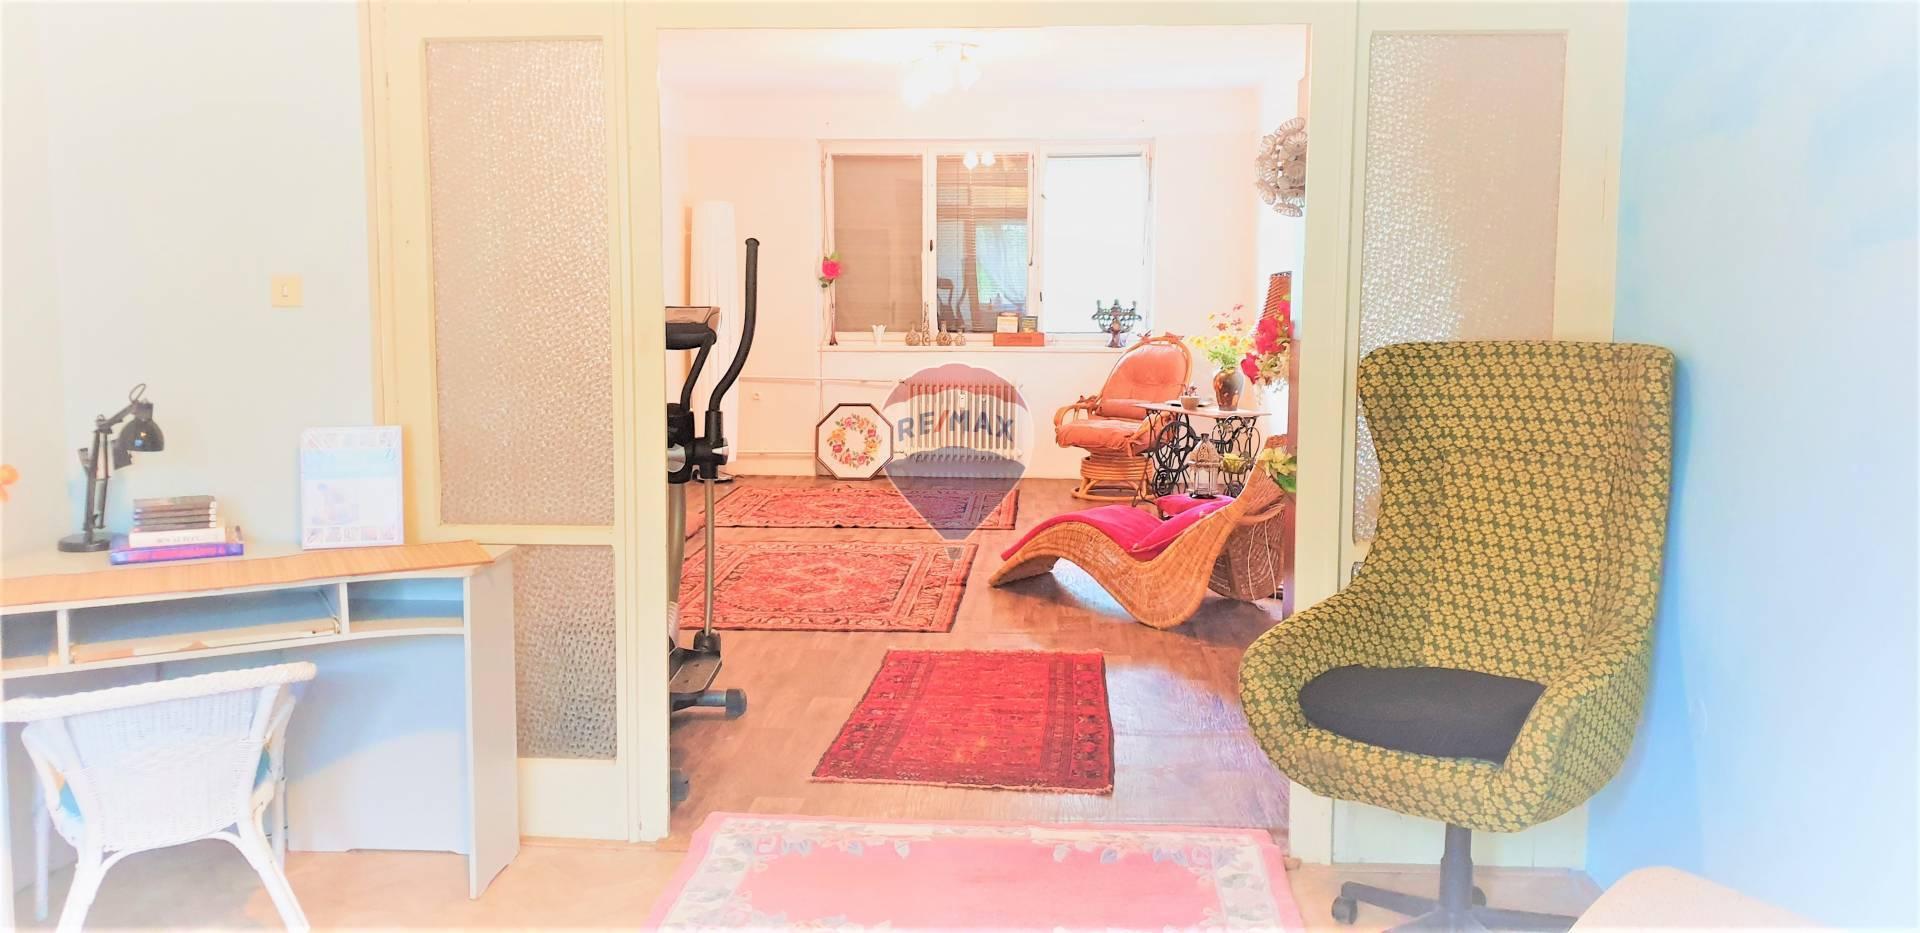 Predaj bytu (3 izbový) 80 m2, Dunajská Streda -